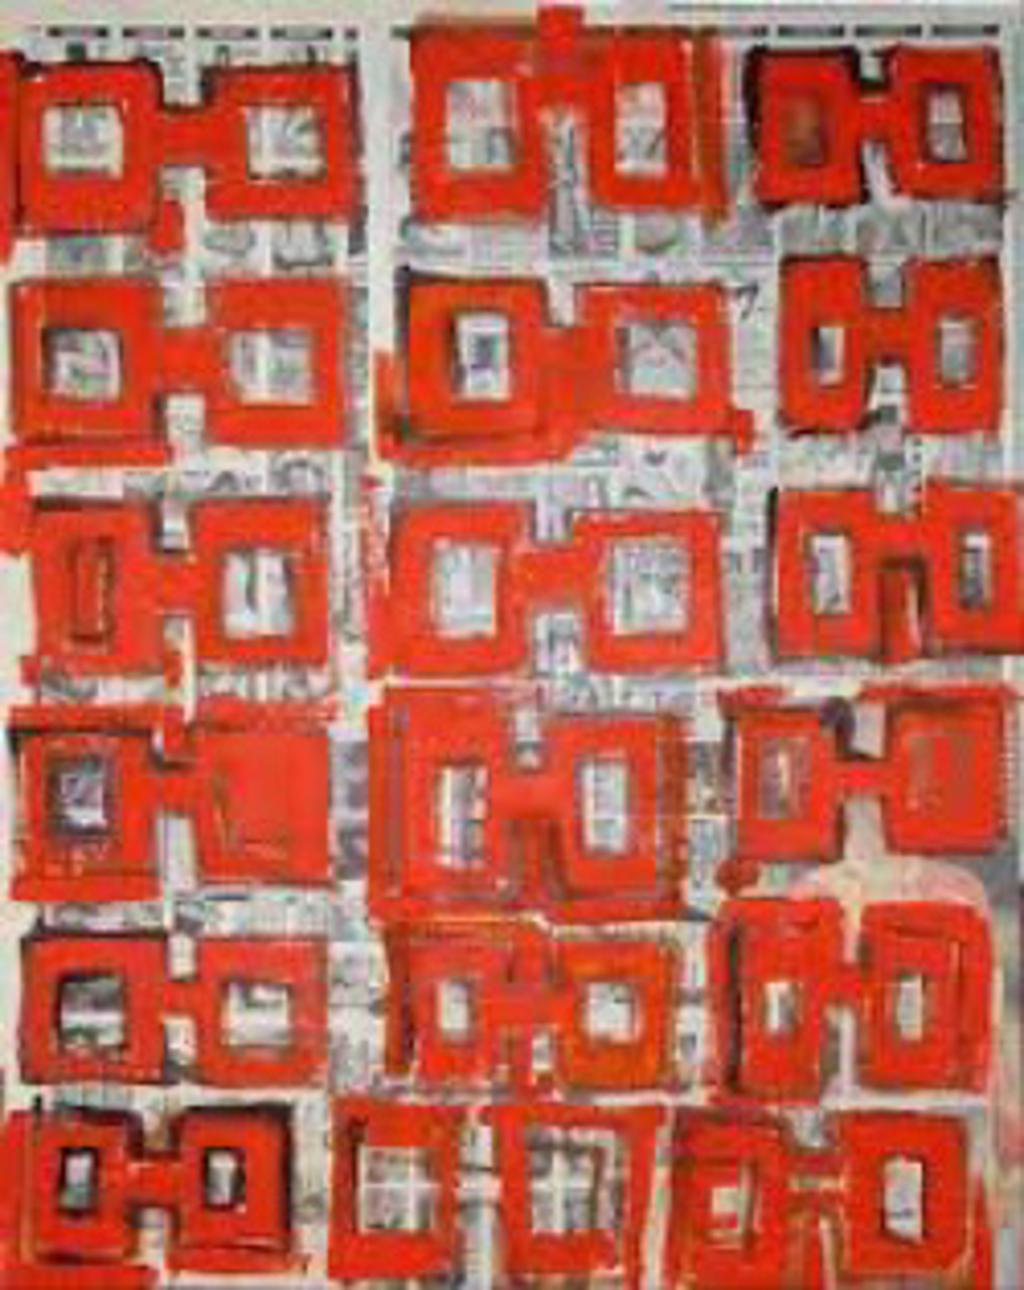 646-515-3116 (series 8) by Jan Frank